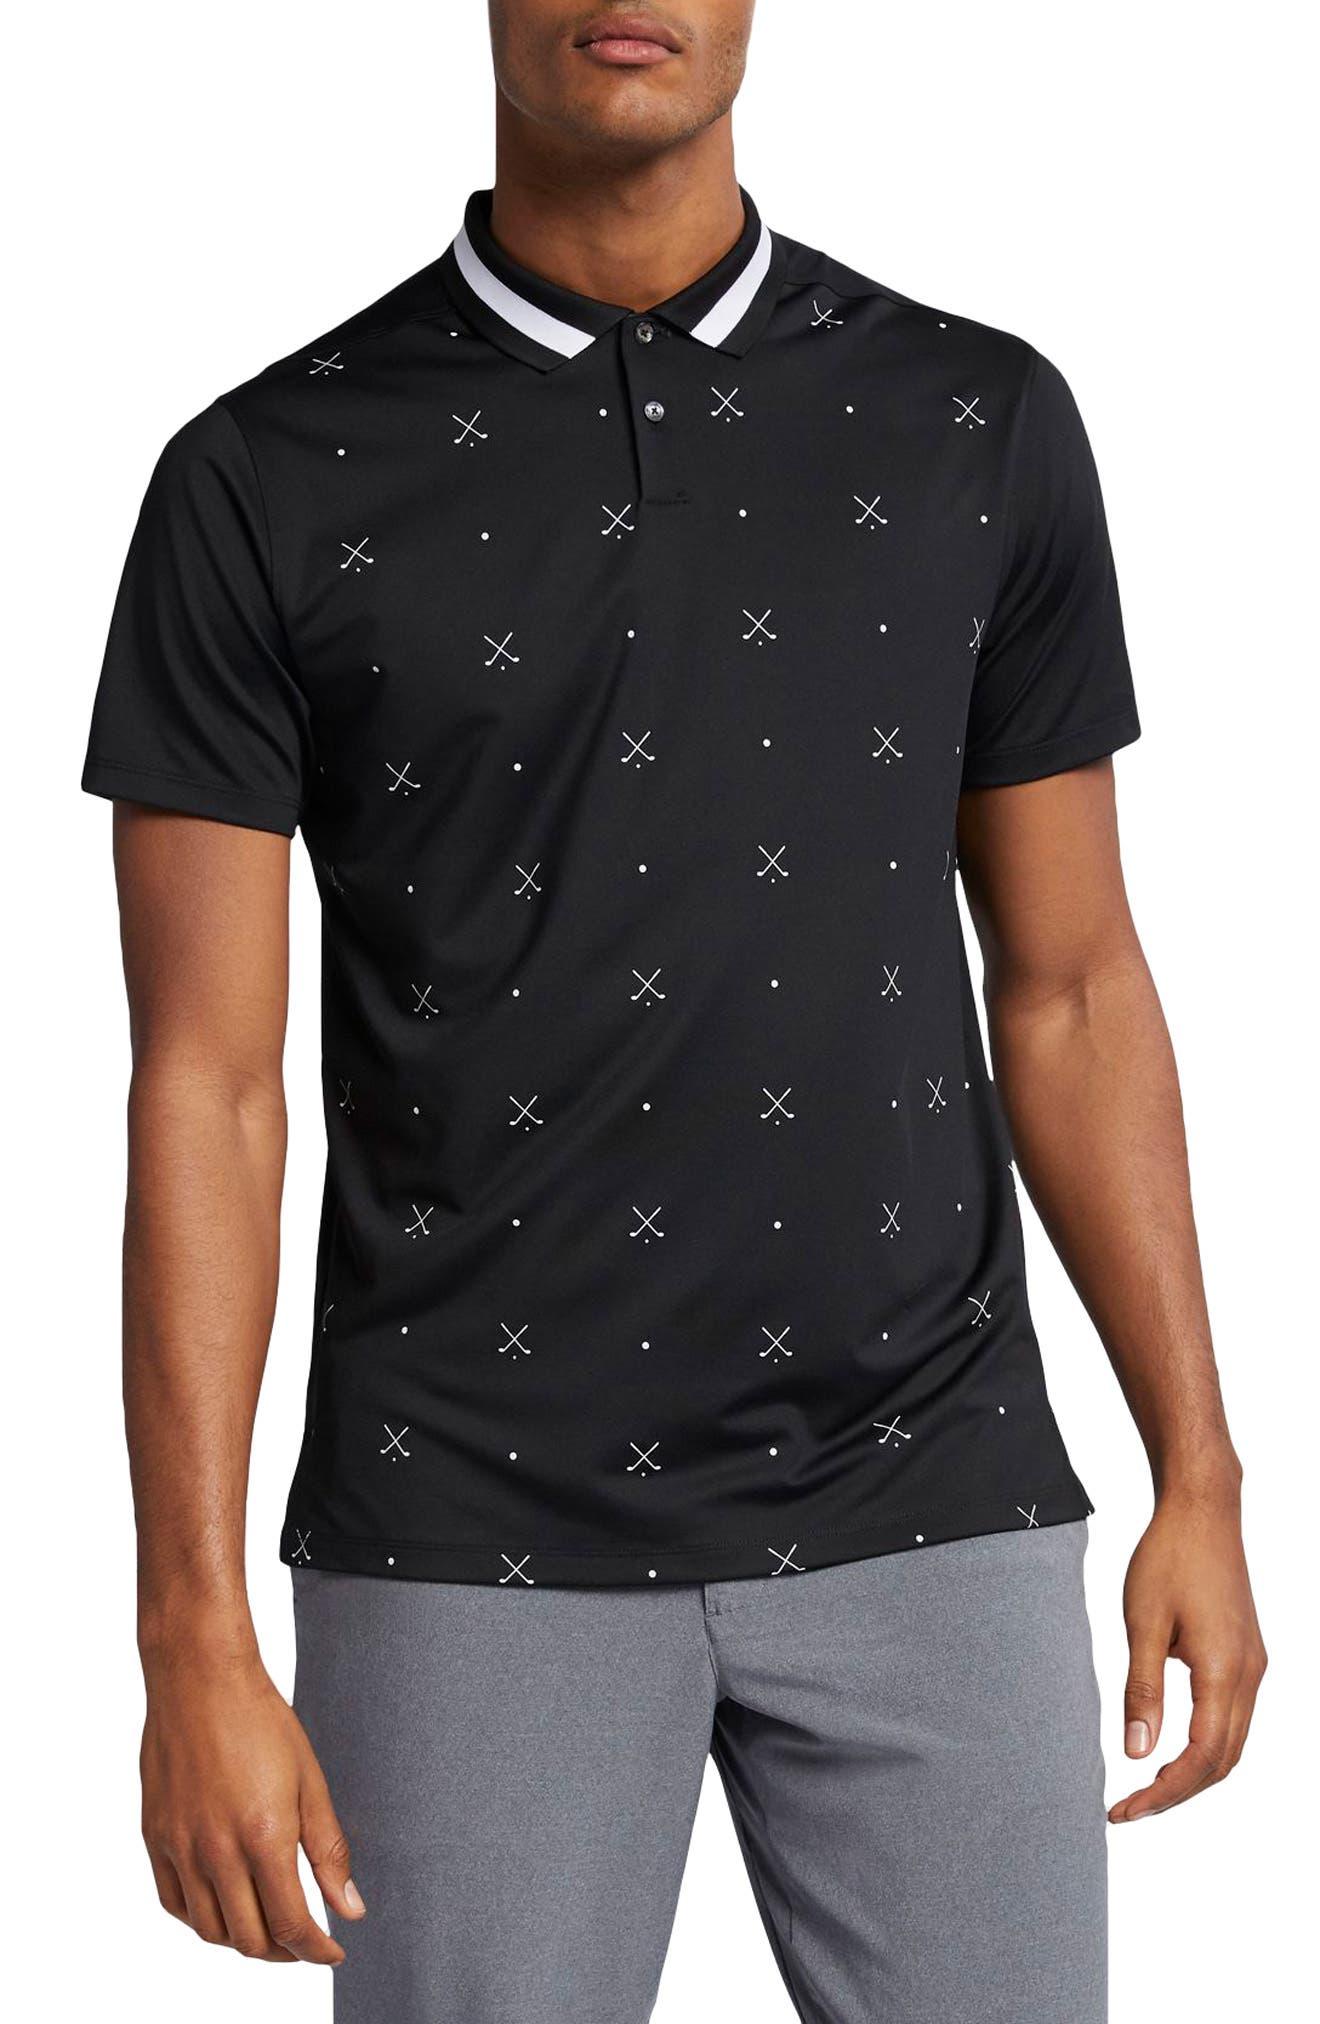 NIKE, Vapor Dri-FIT Golf Polo, Main thumbnail 1, color, BLACK/ WHITE/ BLACK